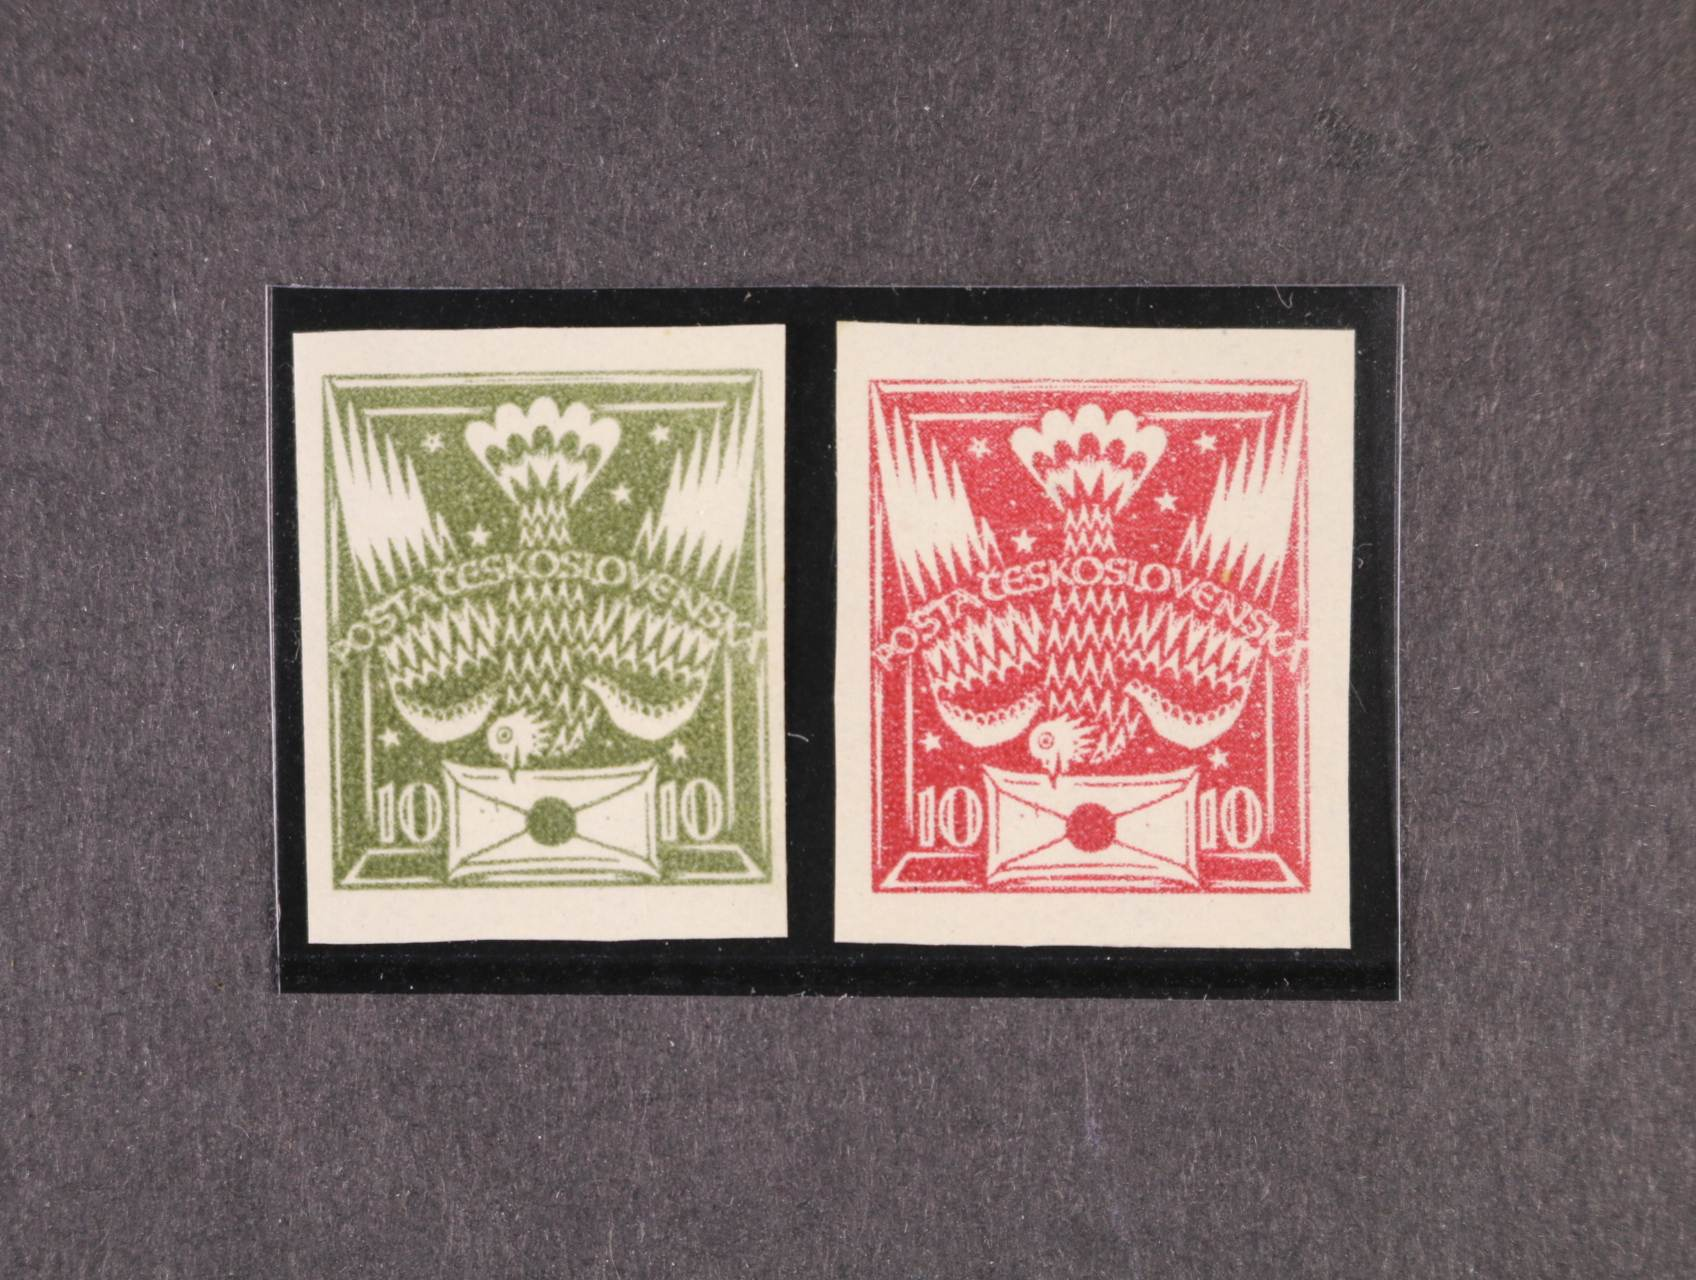 ZT 10h - původní návrh se šesti hvězdičkami v pozadí v barvě tmavě olivové a červenofialové, zk. Karásek, Vrba